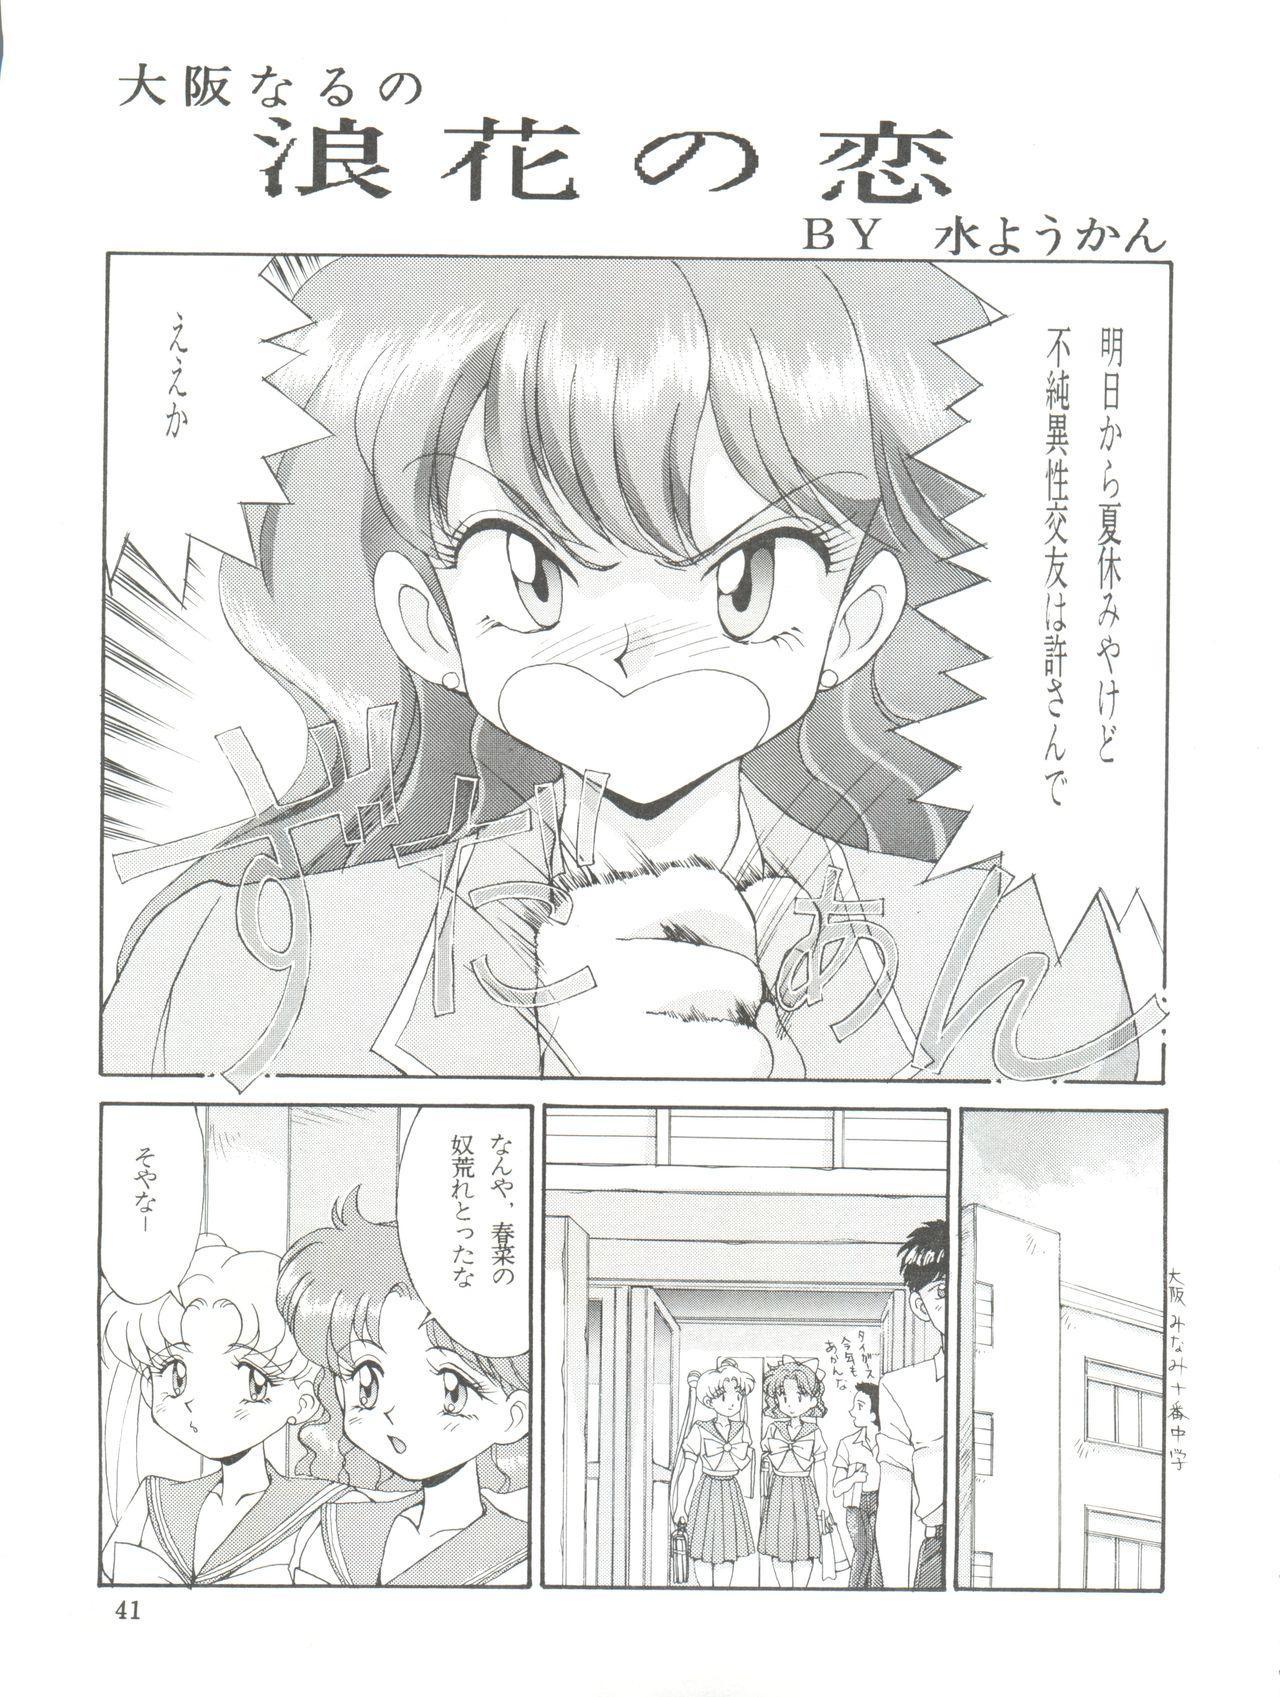 NANIWA-YA FINAL DRESS UP! 40